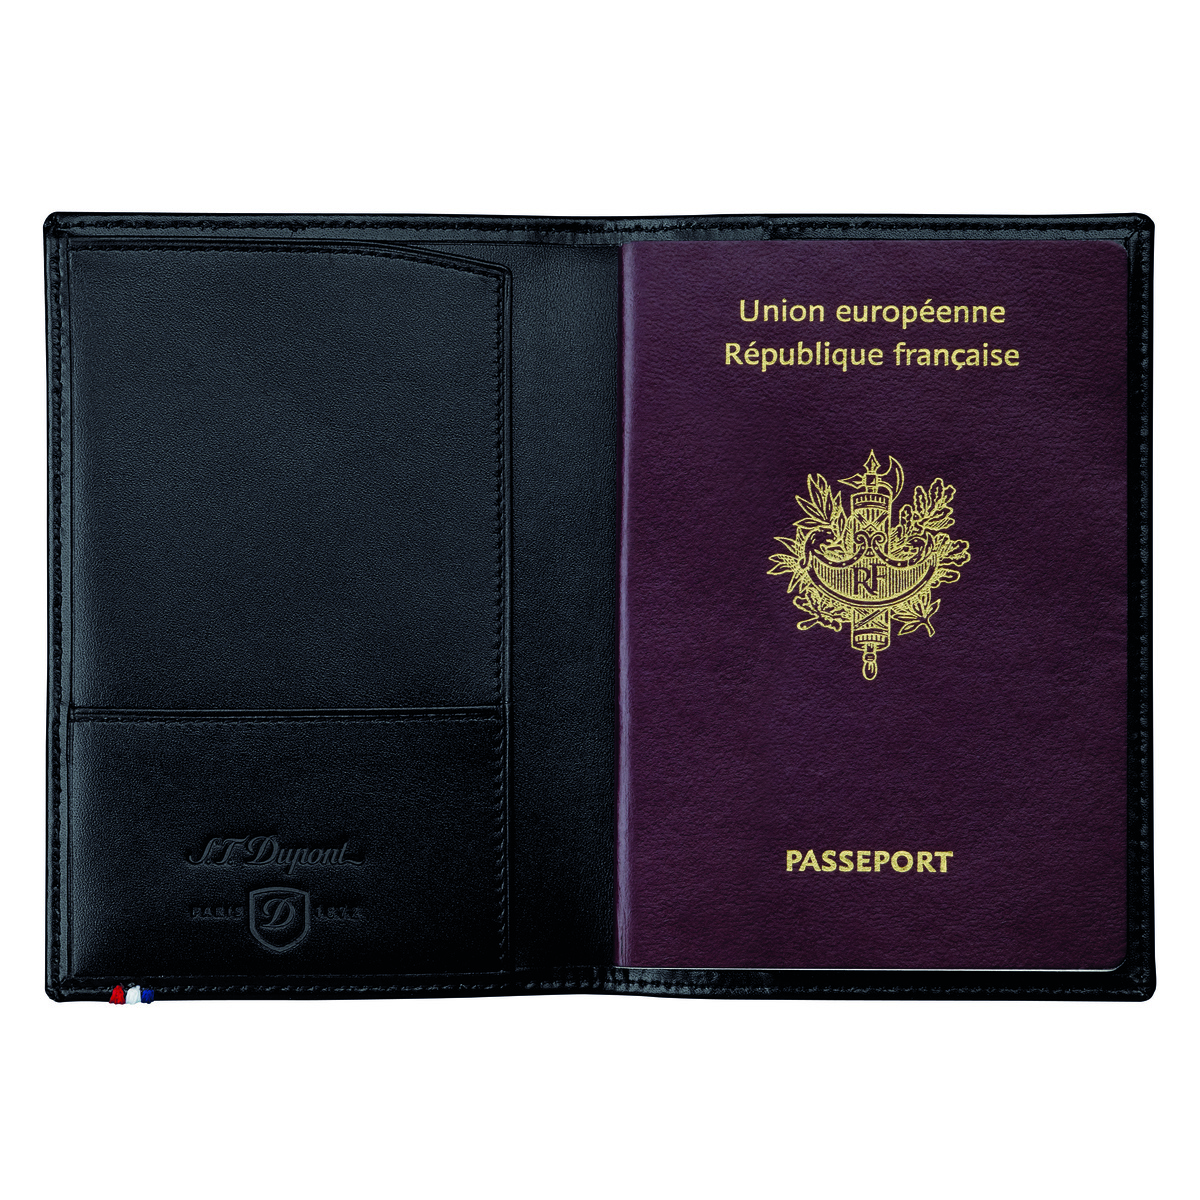 Couverture passeport S.T. Dupont Ligne D noir 5ee48c5fd78